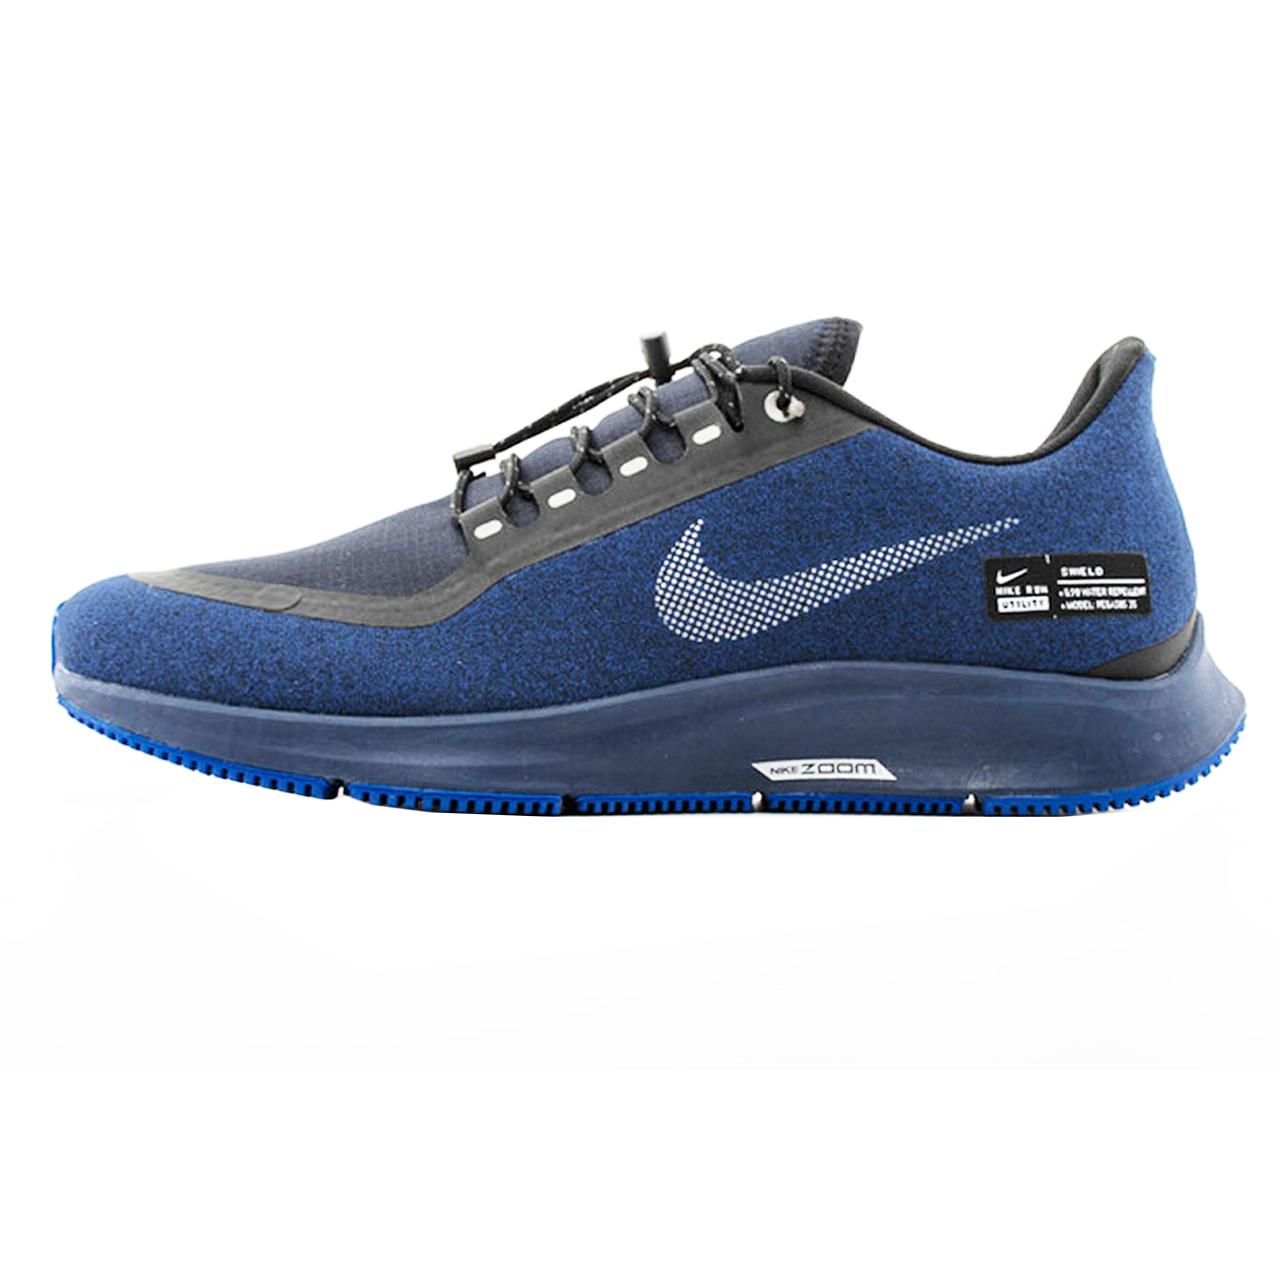 کفش مخصوص دویدن مردانه نایکی مدل Air zoom pegasus 35 shieldکد 435609